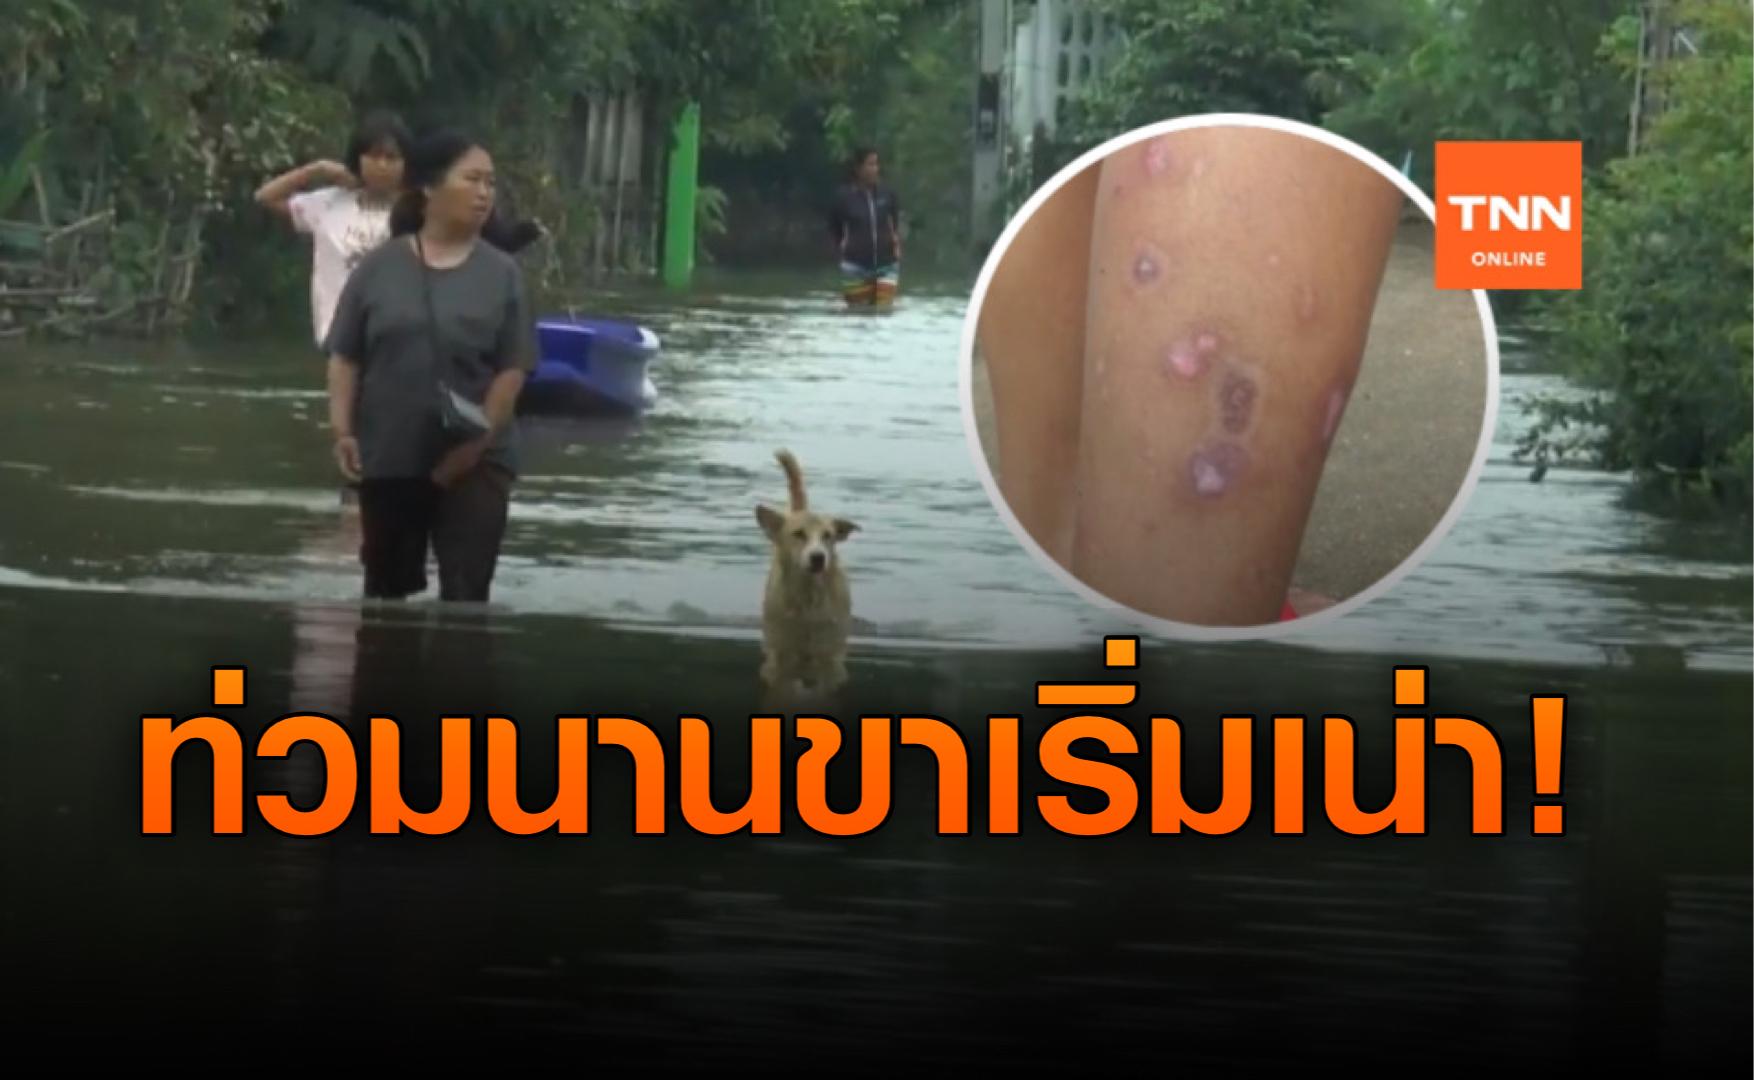 โคราชน้ำท่วมนาน! ชาวบ้านเริ่มป่วย น้ำกัดเท้า-ขาเริ่มเน่า